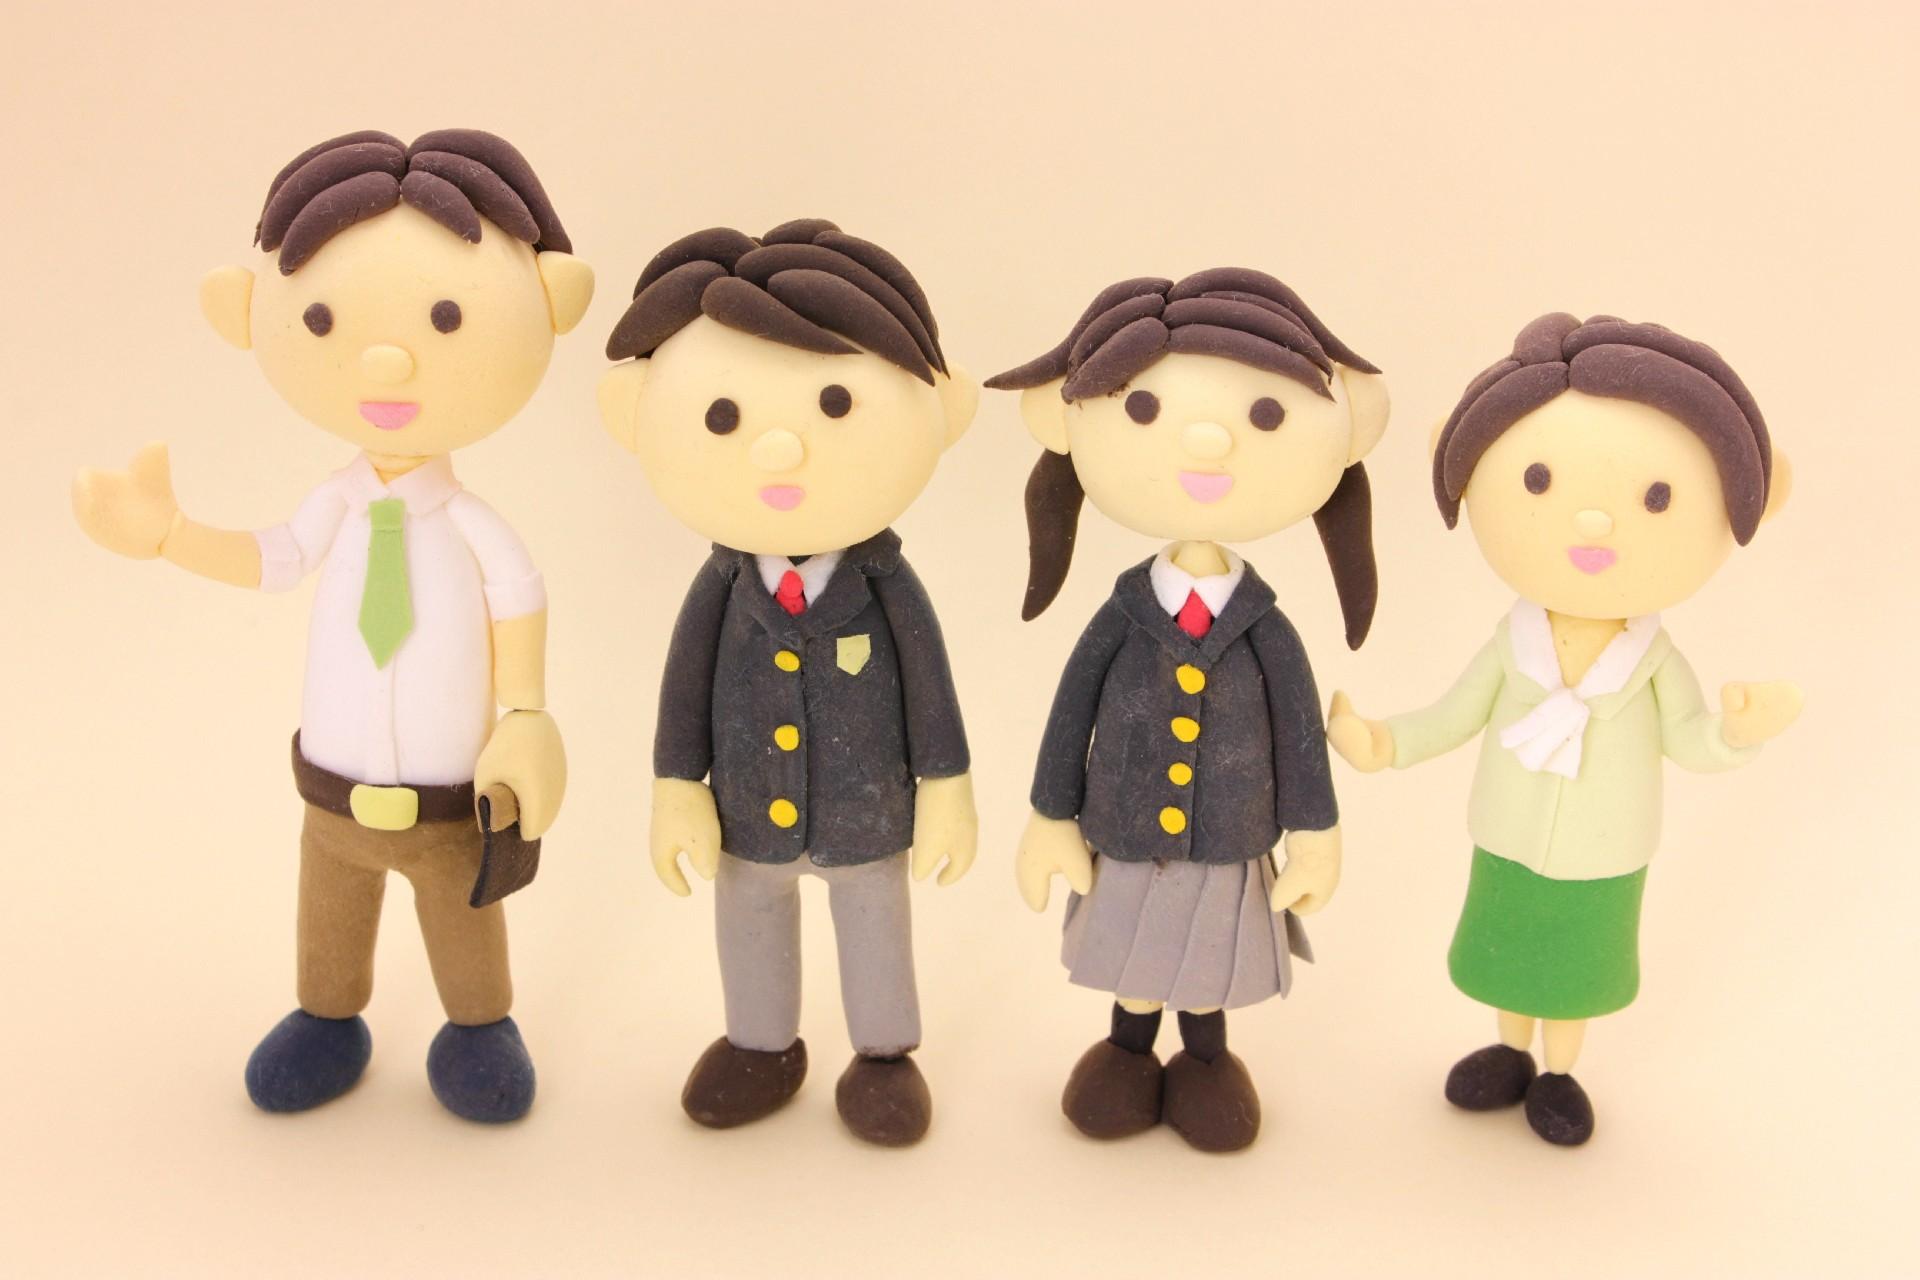 なぜ、日本の教育改革は遅々として進まないのか?-変化の激しい時代にいつまでも時代遅れの教育が続く理由